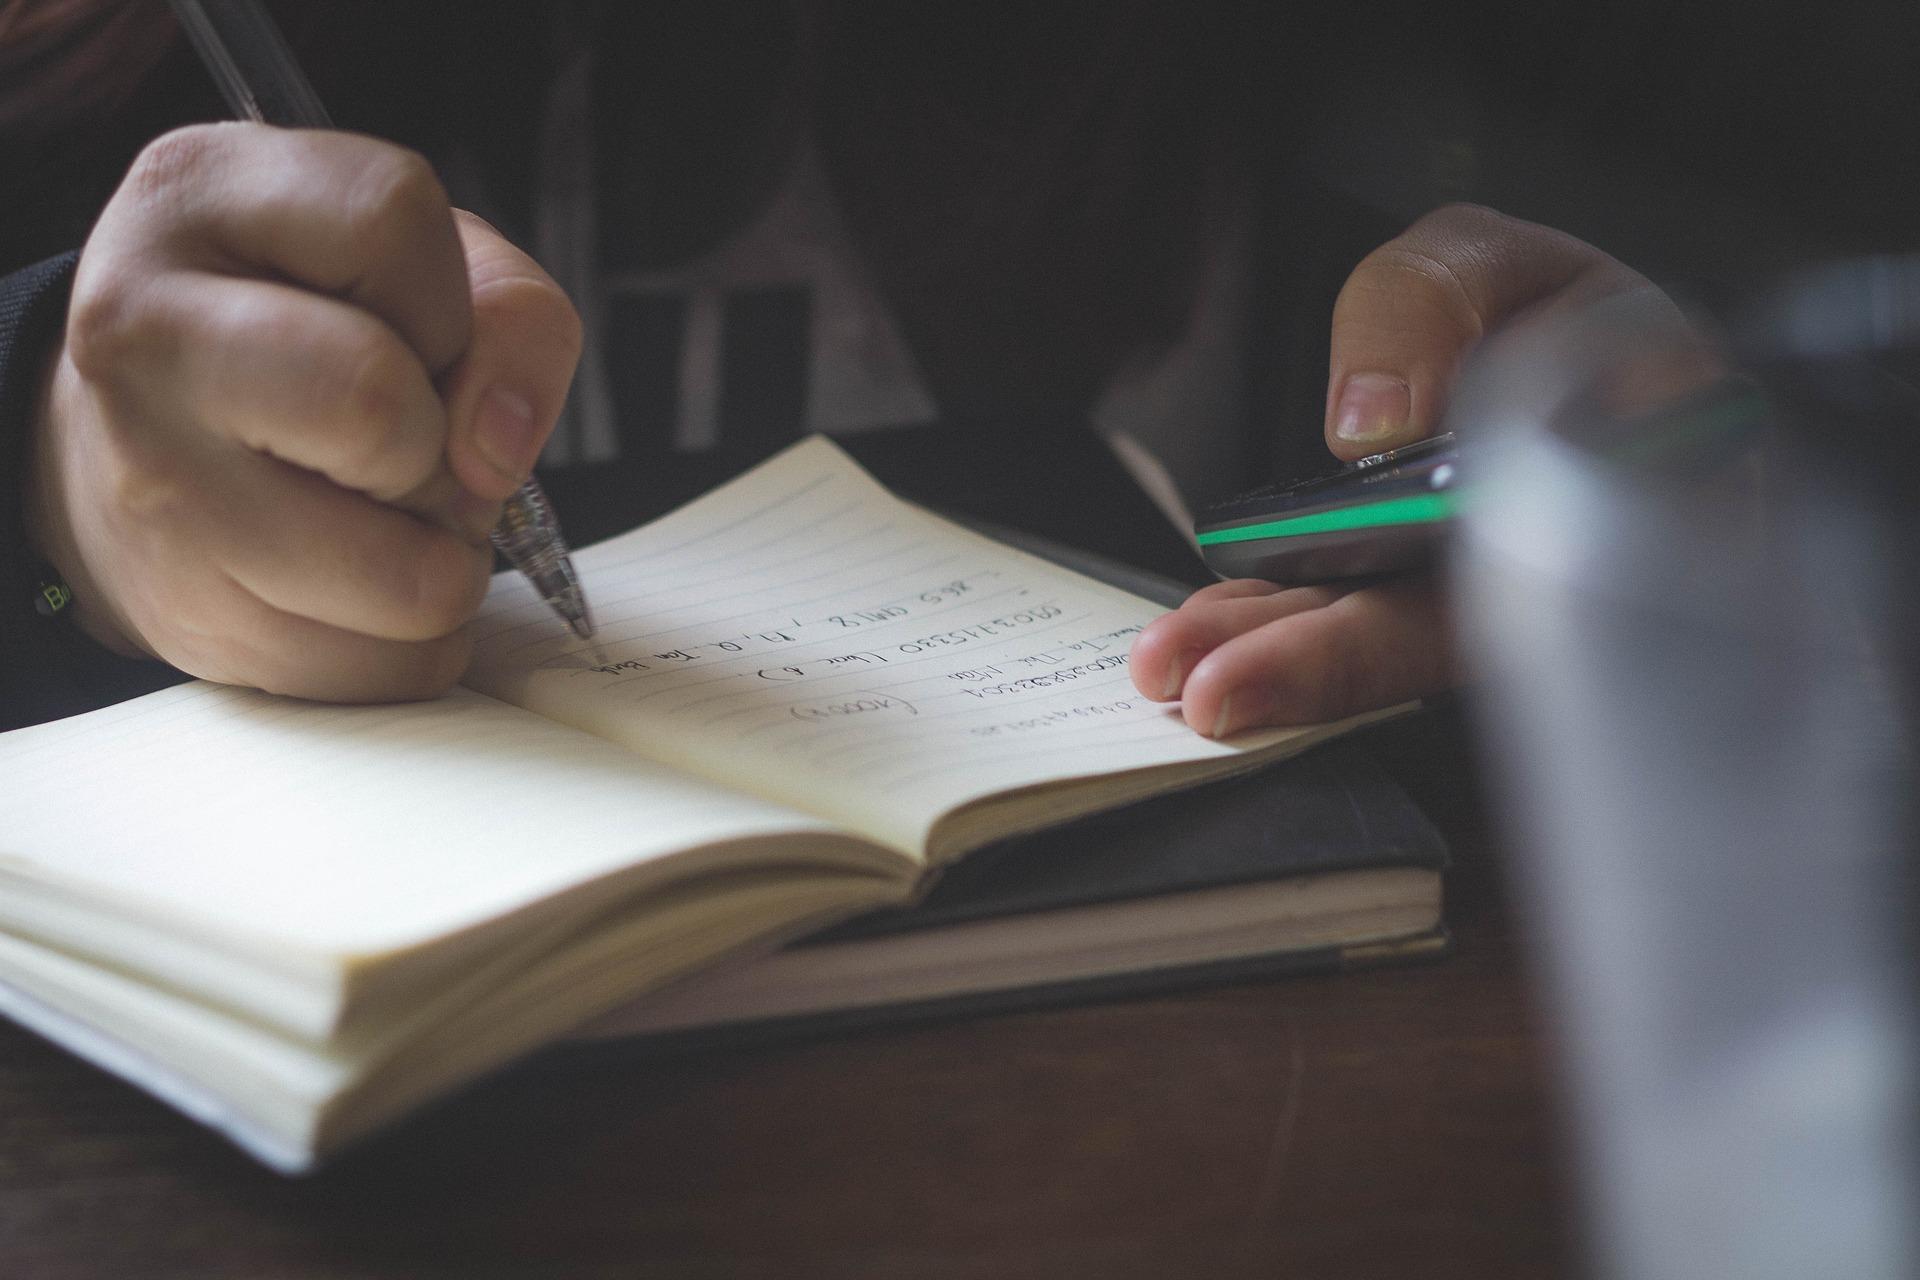 Concentratieproblemen bij burnout - Een link met ADHD?